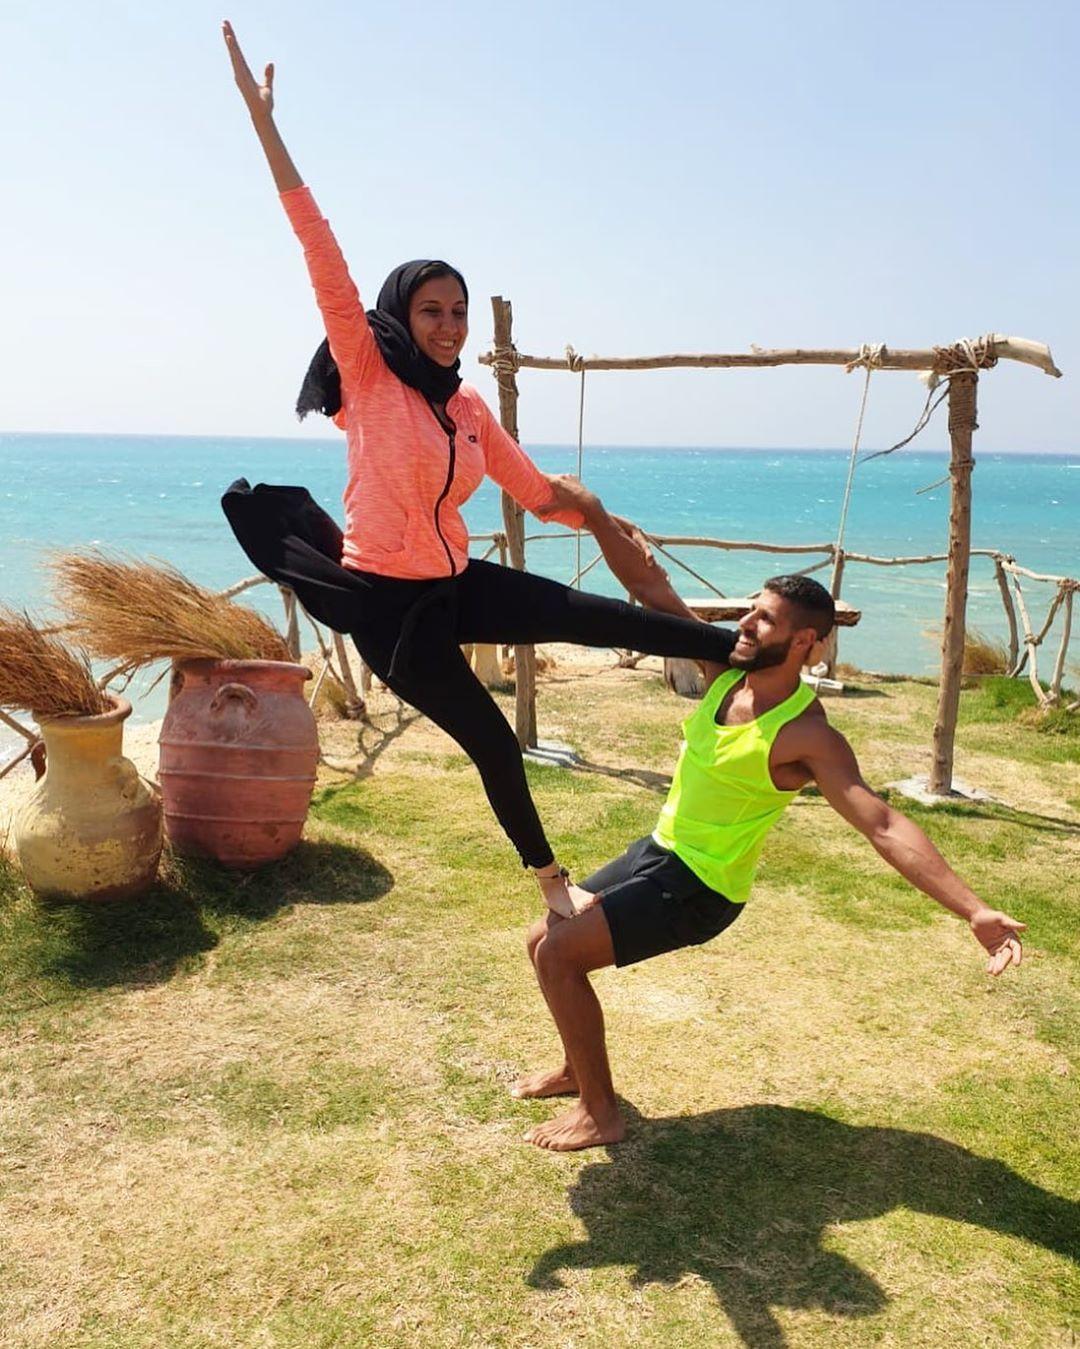 Acro yoga mate 🤸🏼♀️🤸🏼♀️🤸🏼♀️ #yoga#yogaposes#acroyoga#yogaegypt#yogagirl#yogainspiration#yogaevery...